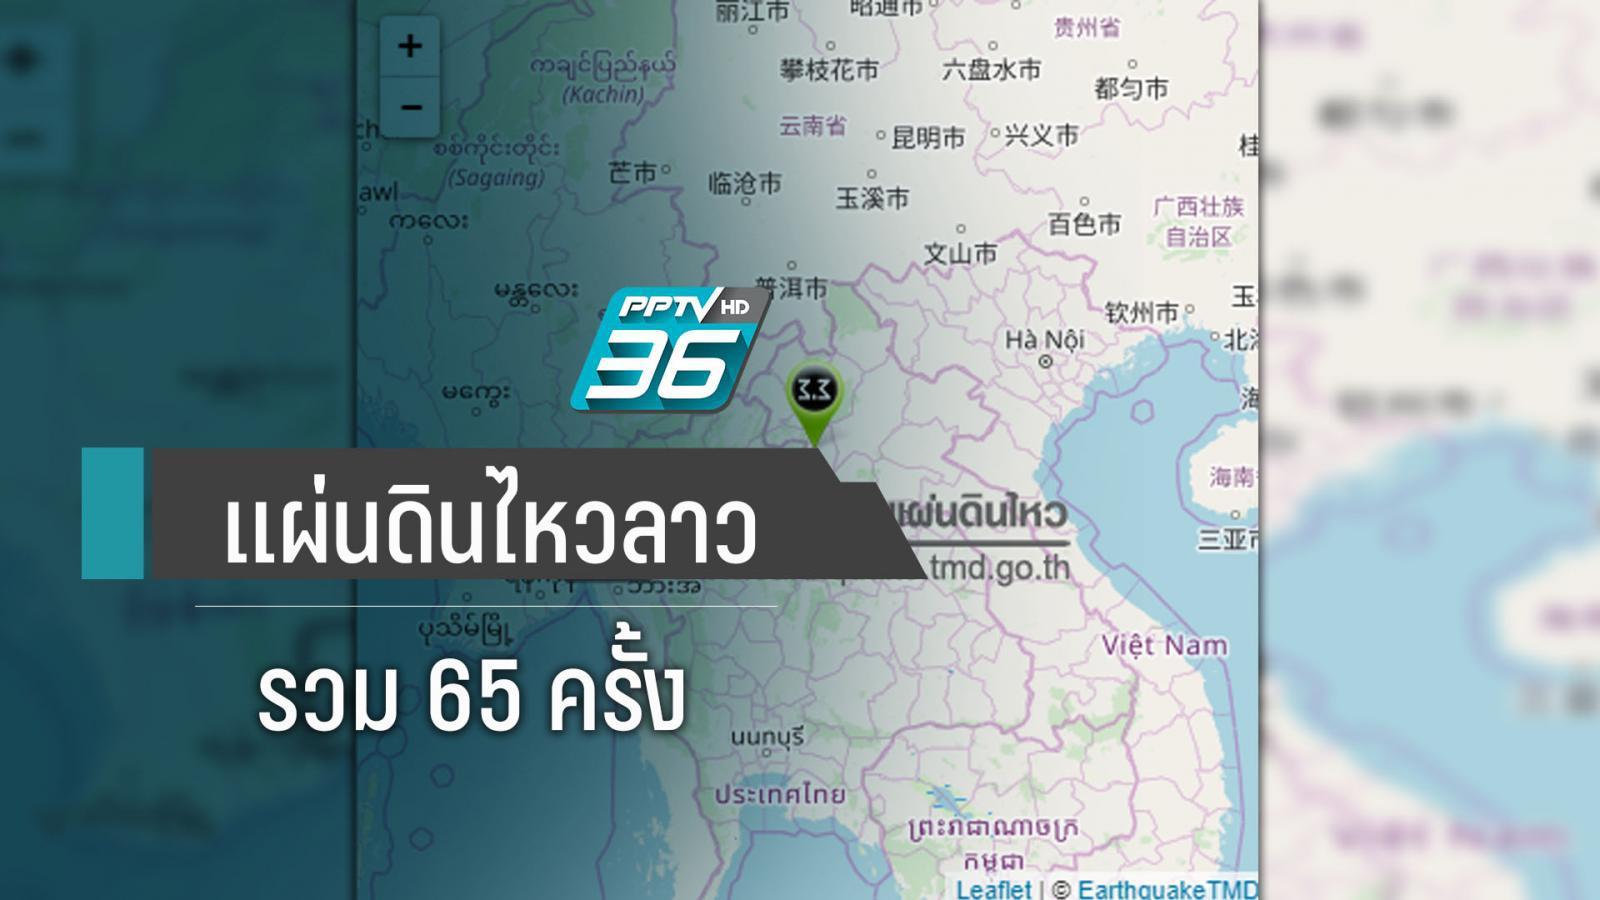 แผ่นดินไหวลาว สะเทือนไทยรวมอาฟเตอร์ช็อก 65 ครั้ง